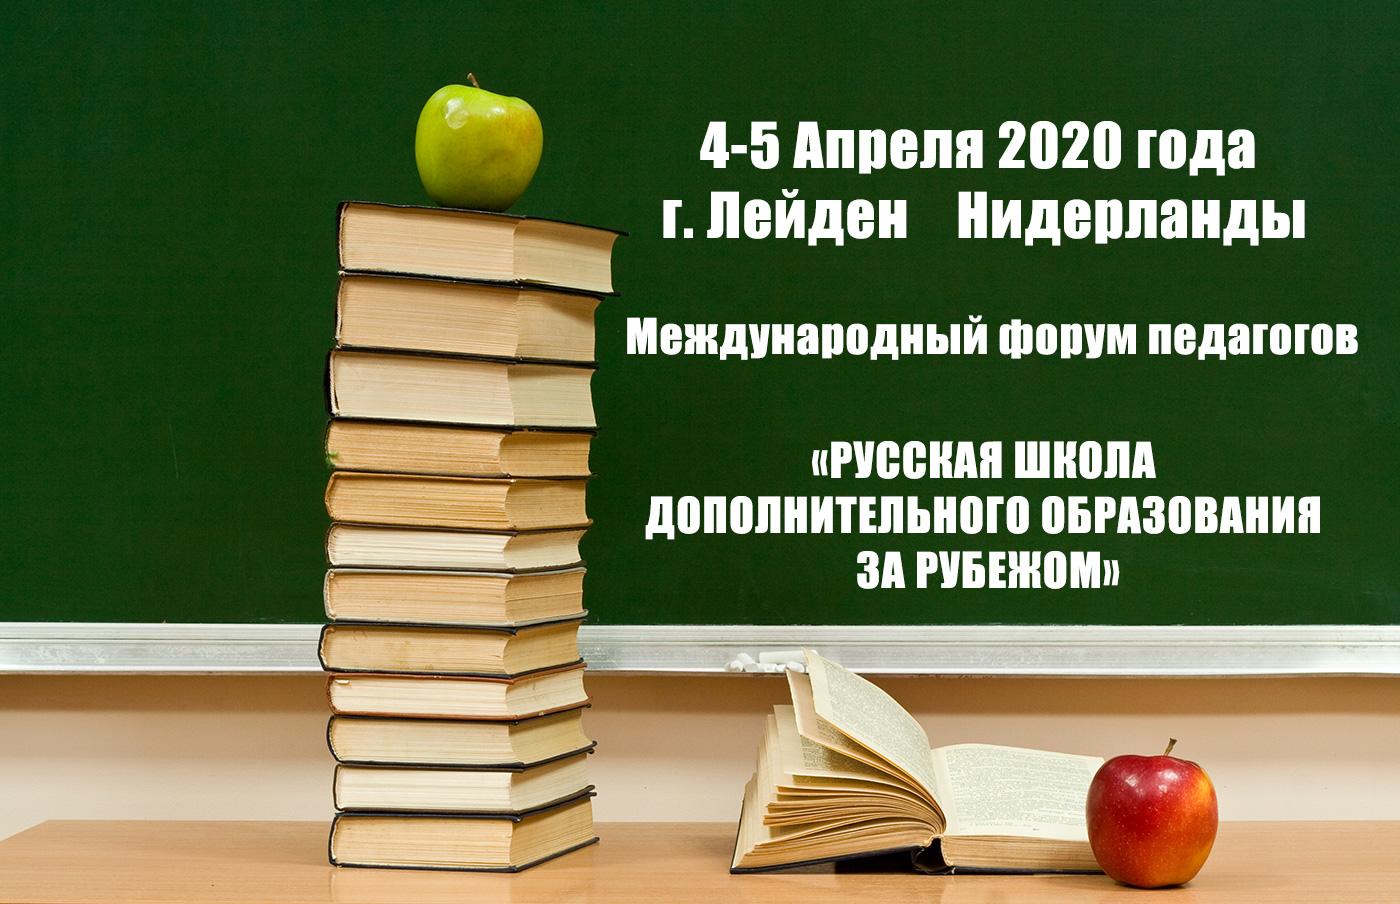 4-5 апреля – Международный форум педагогов «РУССКАЯ ШКОЛА ДОПОЛНИТЕЛЬНОГО ОБРАЗОВАНИЯ ЗА РУБЕЖОМ»